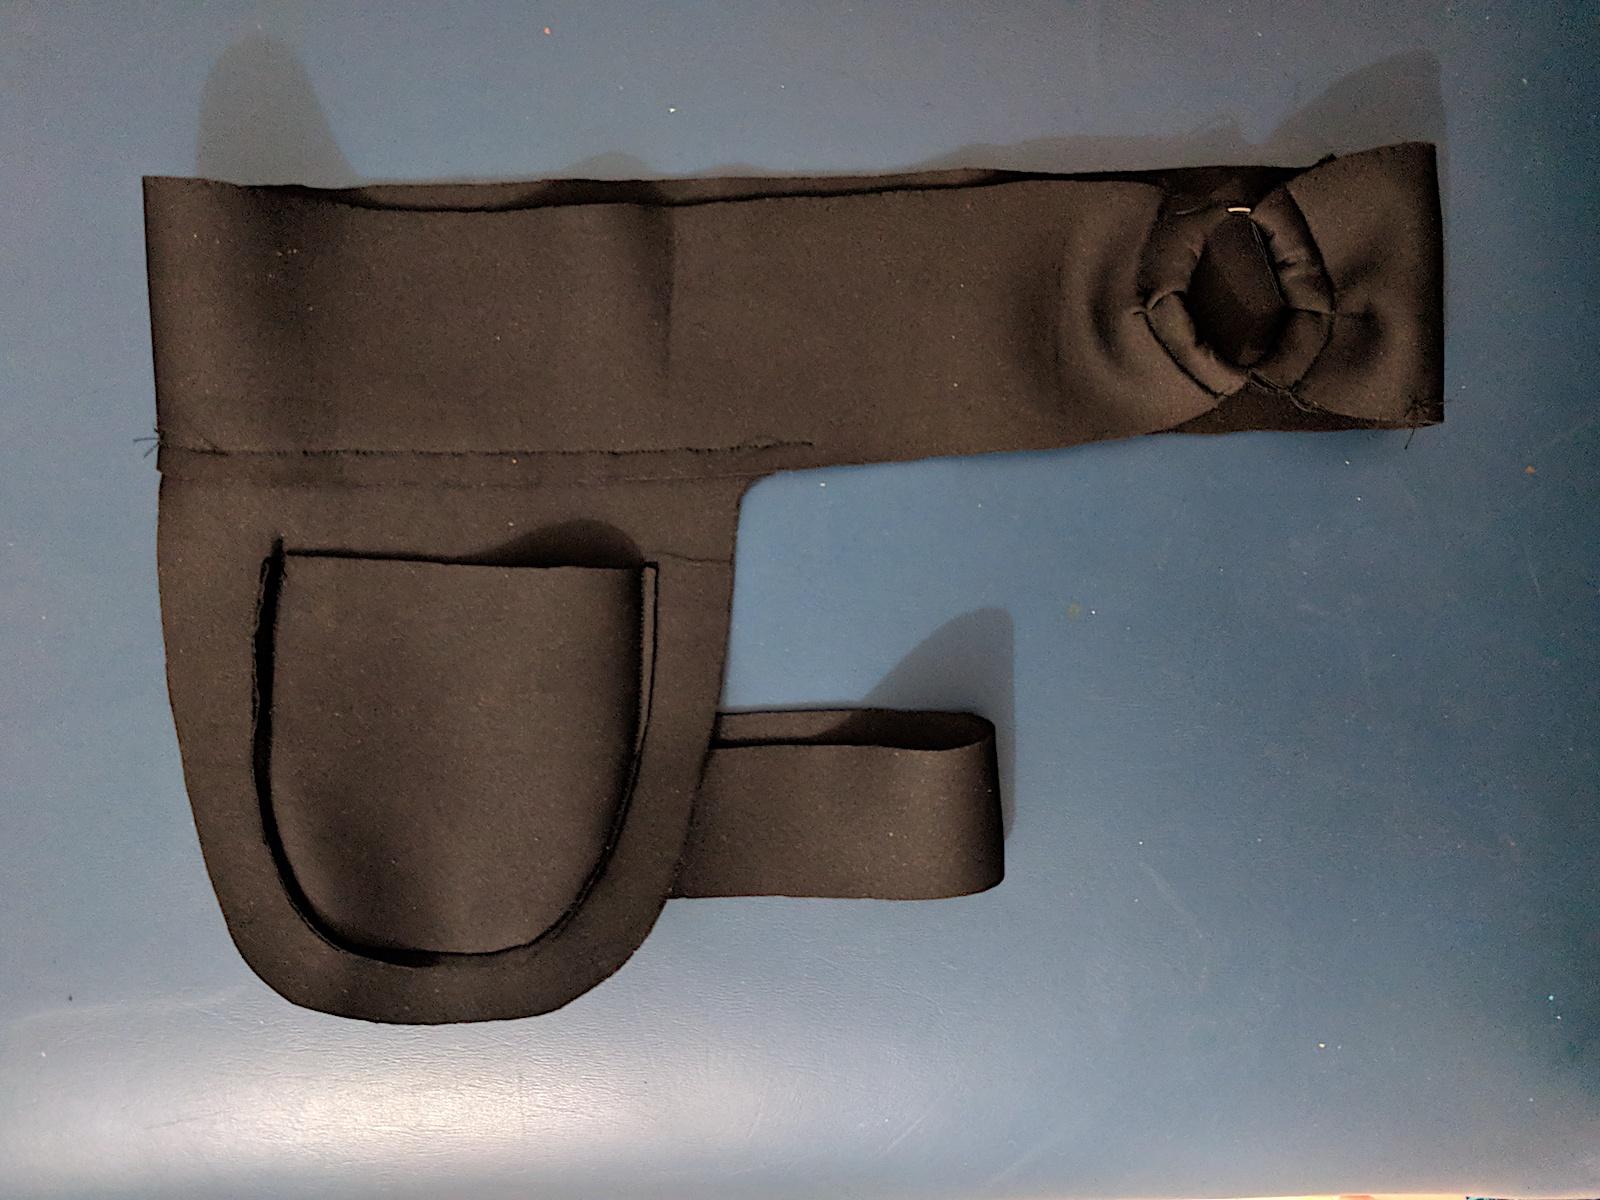 W12_gunholster 1.jpg